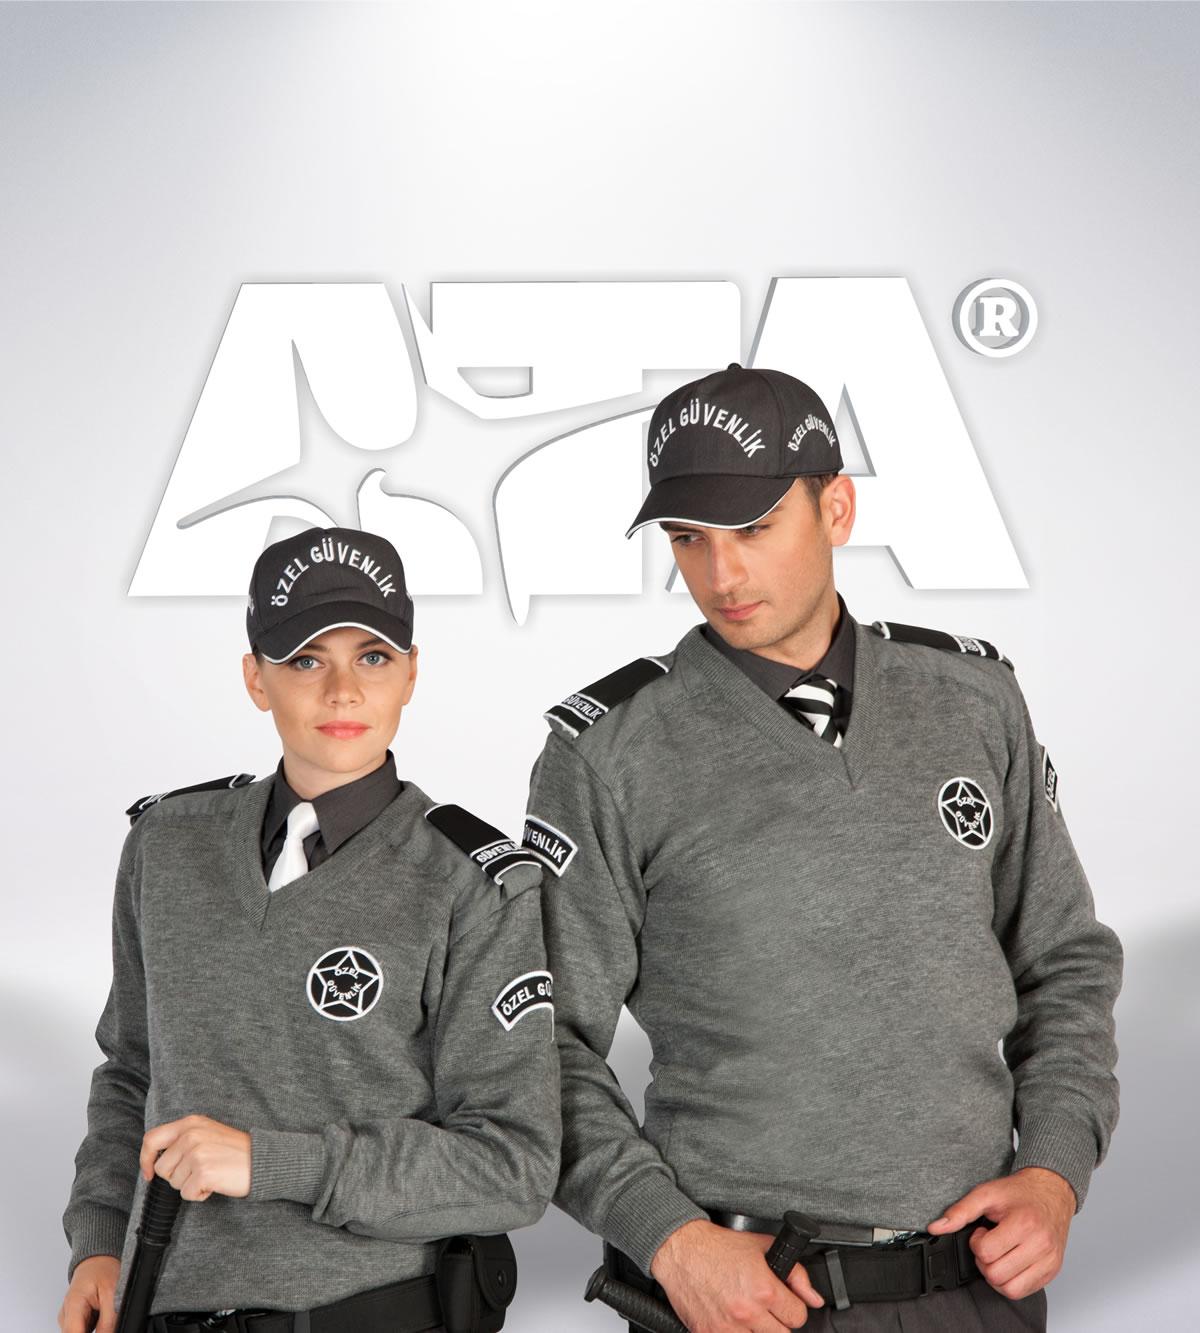 ATA 146 - 147 - v yaka kazak - güvenlik elbiseleri | güvenlik üniformaları | güvenlik kıyafetleri